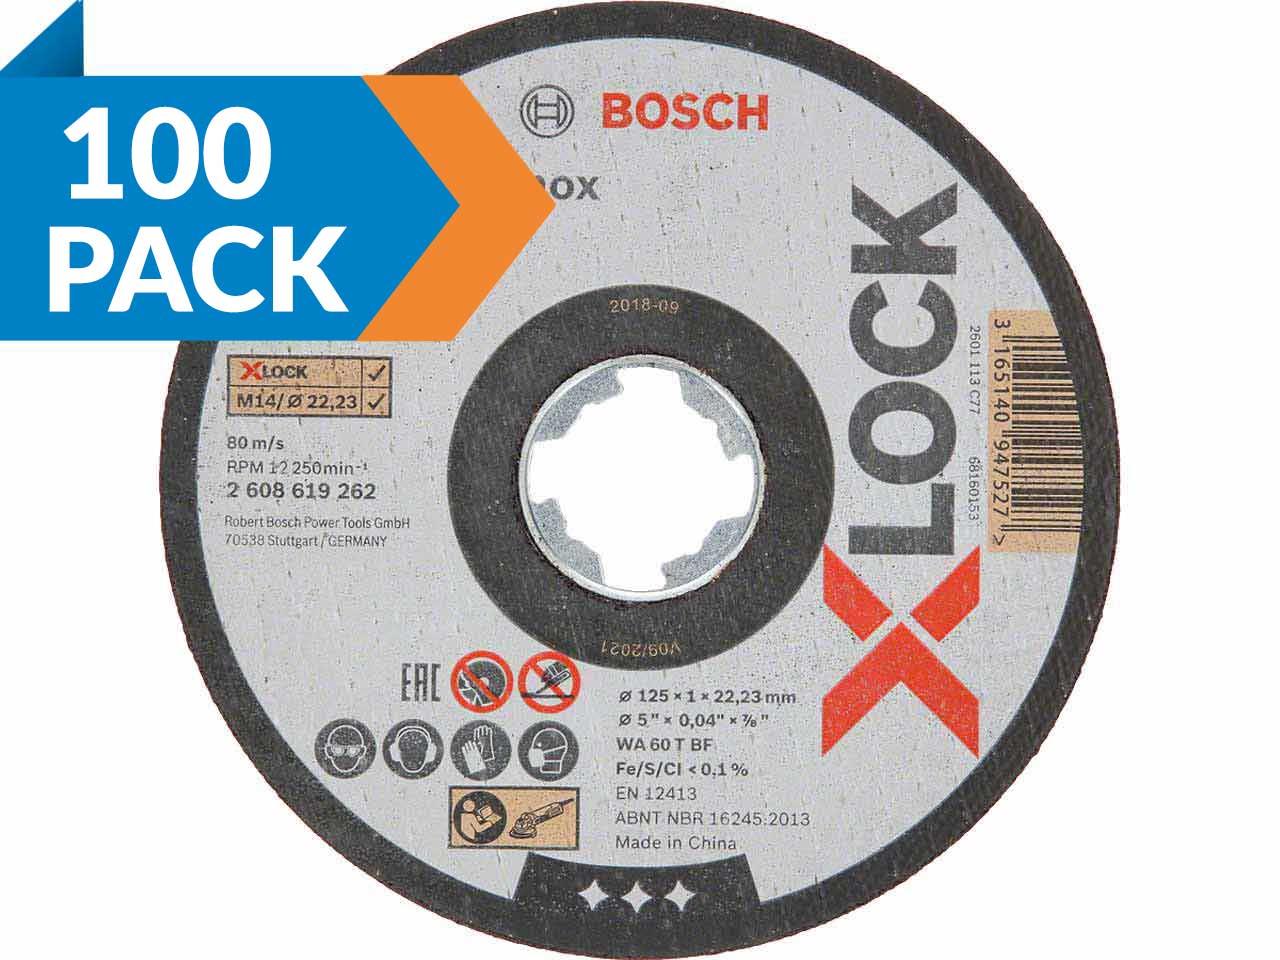 Bosch_2608619267v3.jpg